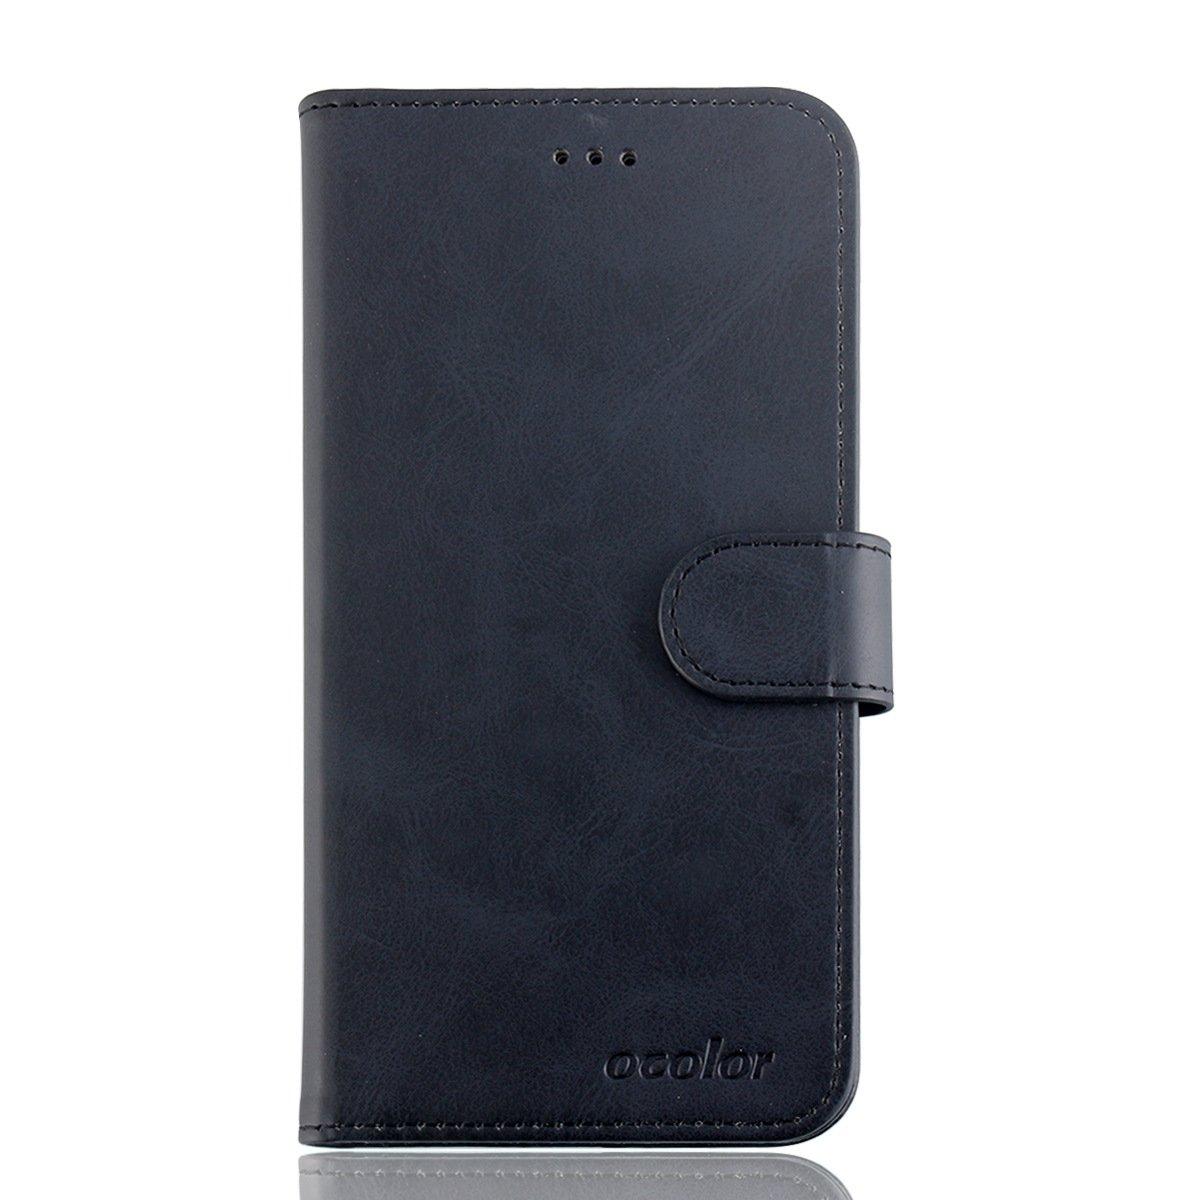 Funda para UMIDIGI A3/A3 Pro de PU Cuero Leather con Ranuras para ...